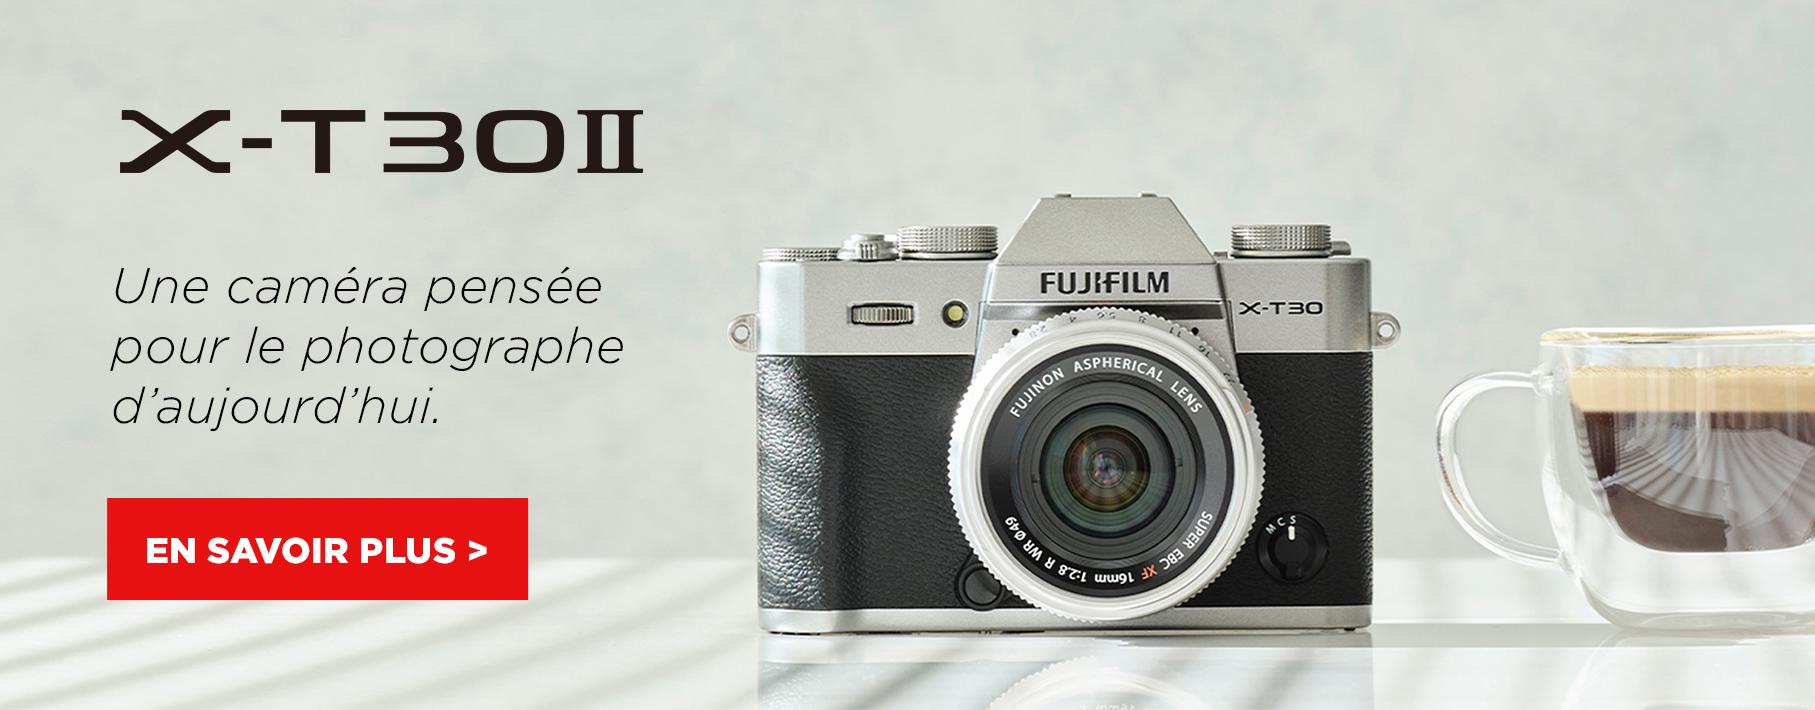 FUJI XT30 II